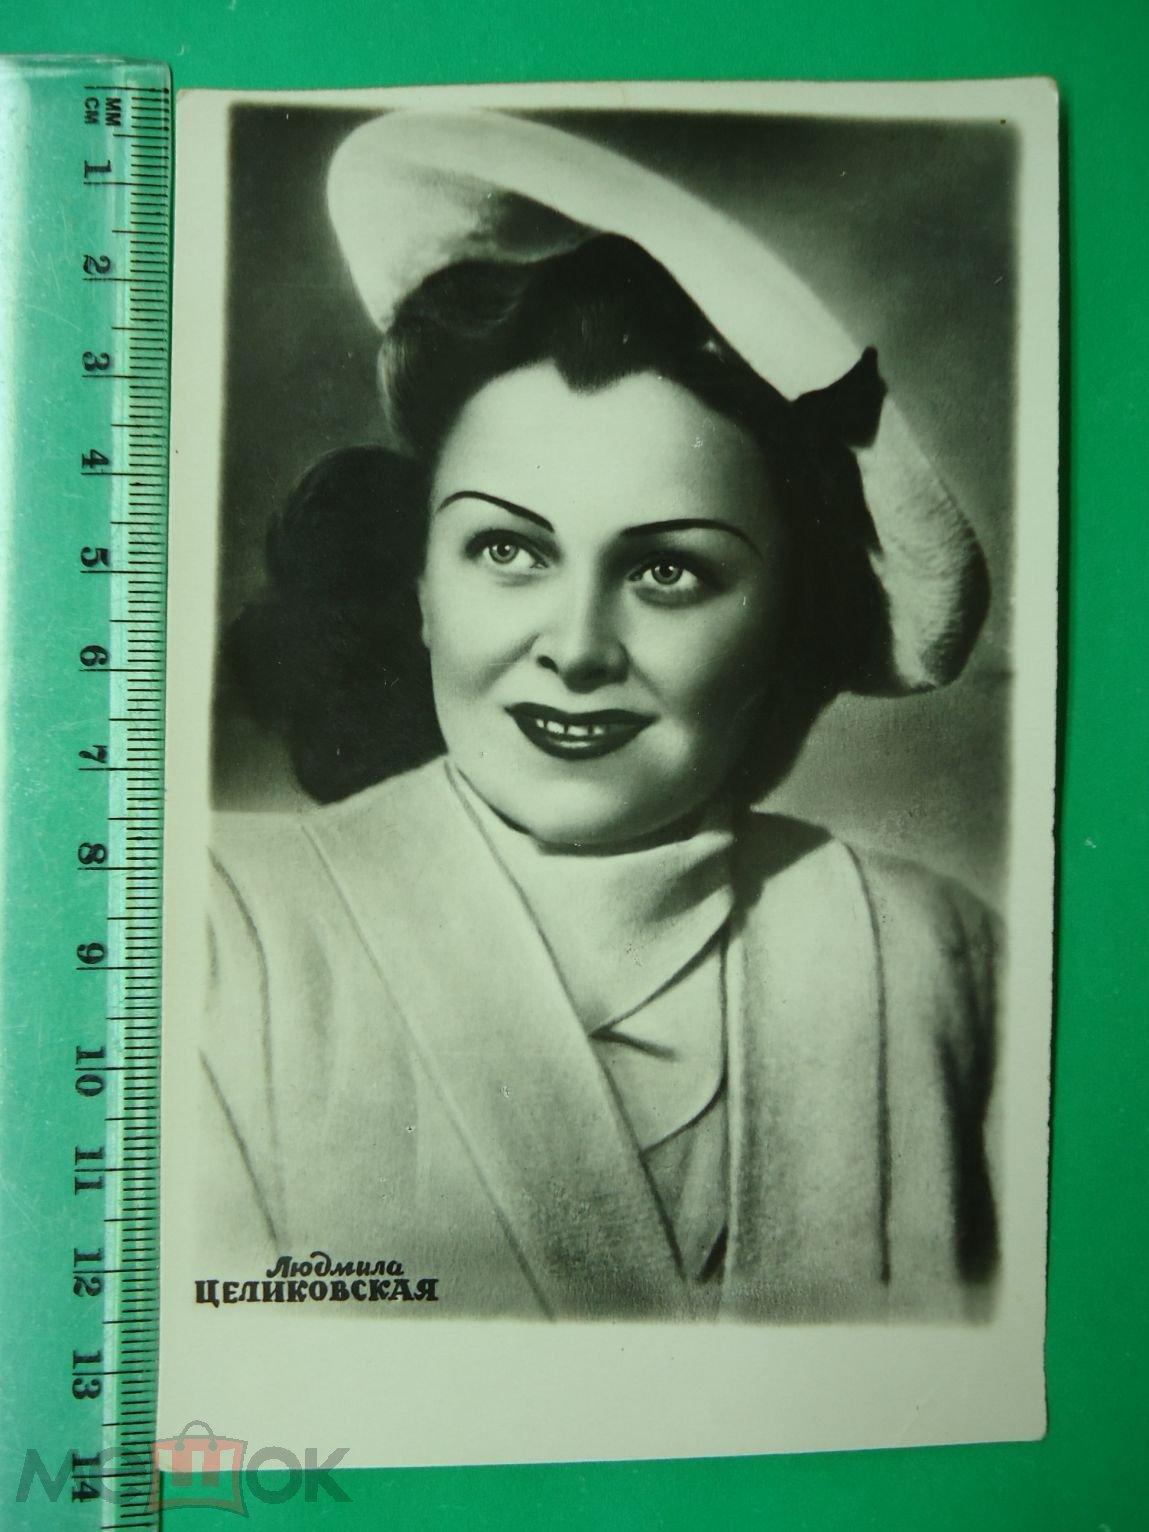 Артисты Актеры кино Людмила Целиковская 1953